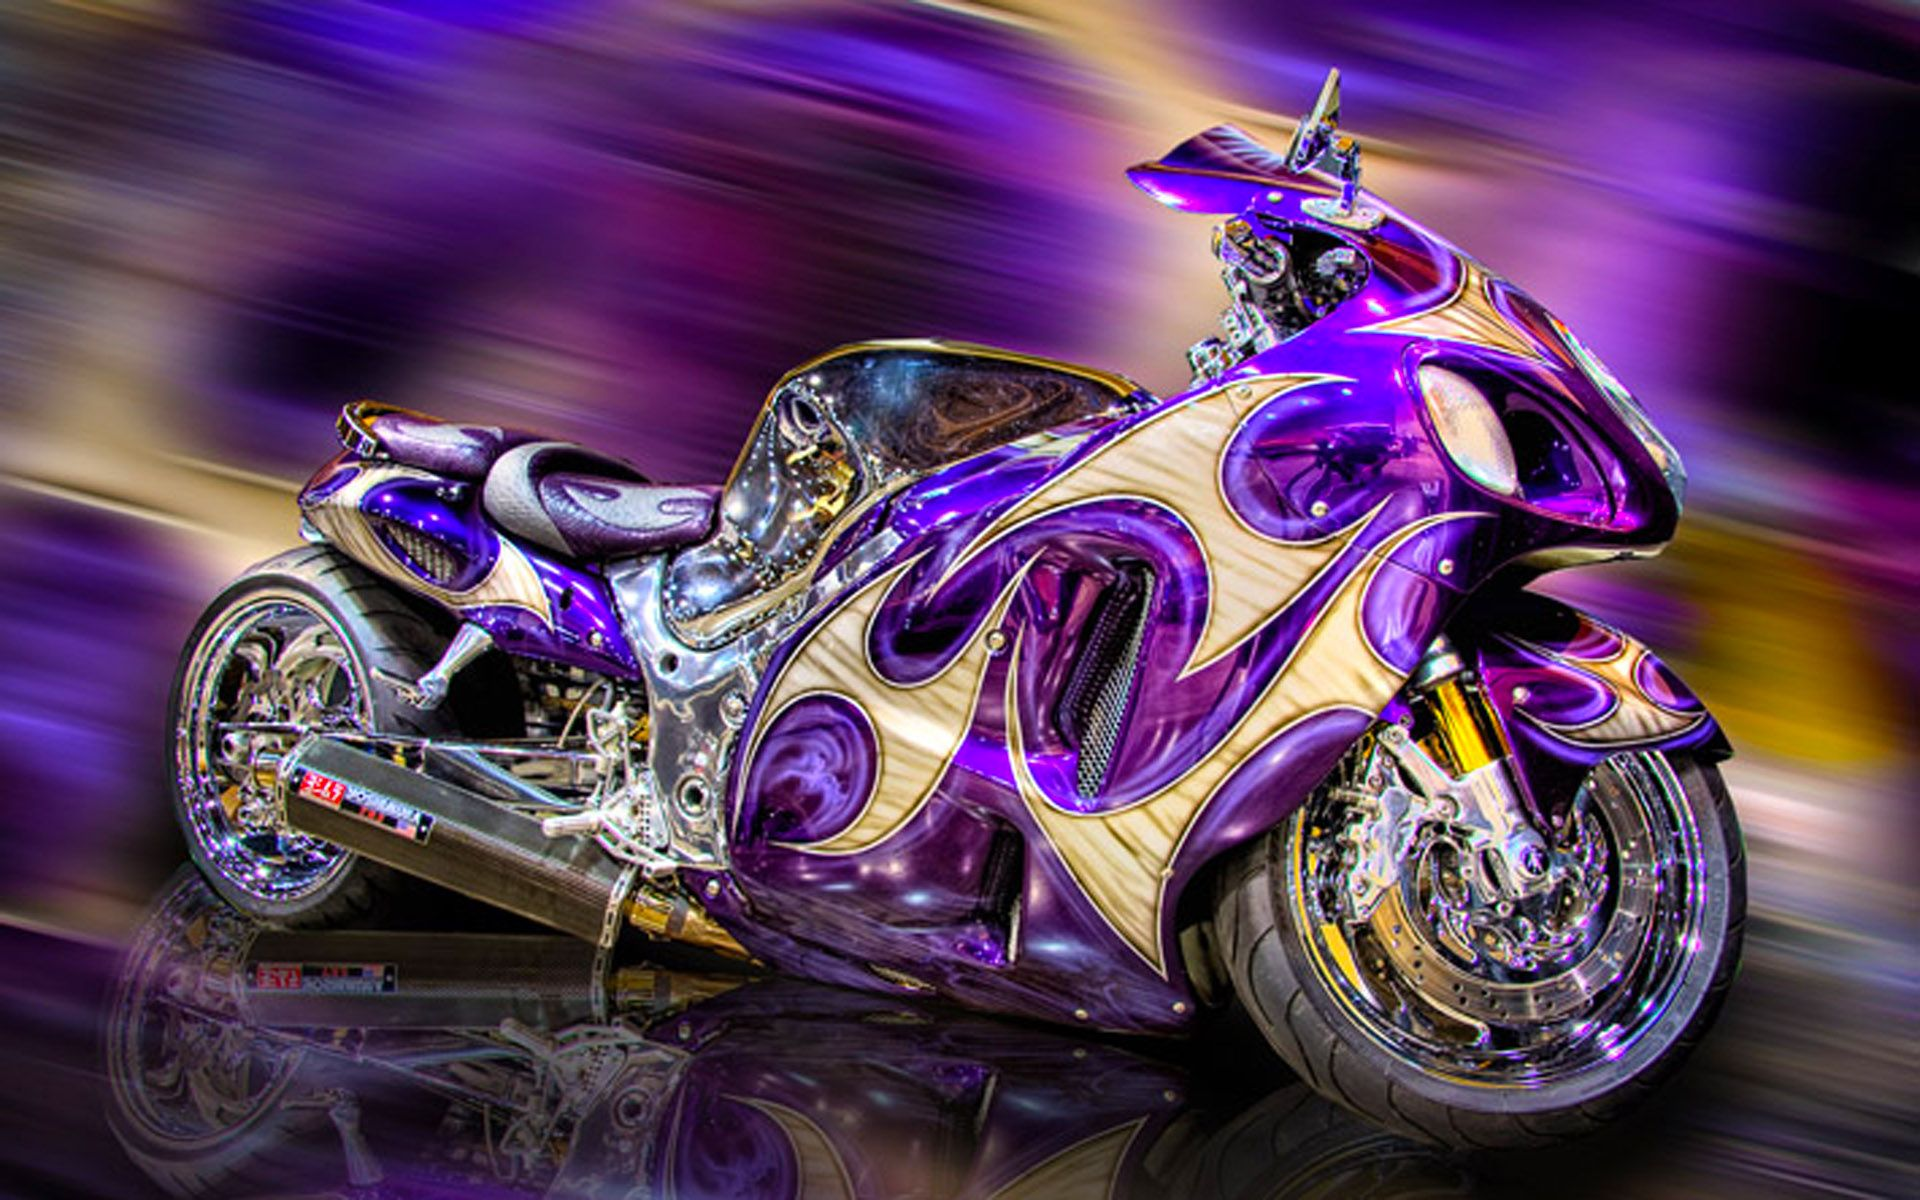 Cool Motorcycles Kawasaki Beauty Cool Motor Bike Robust